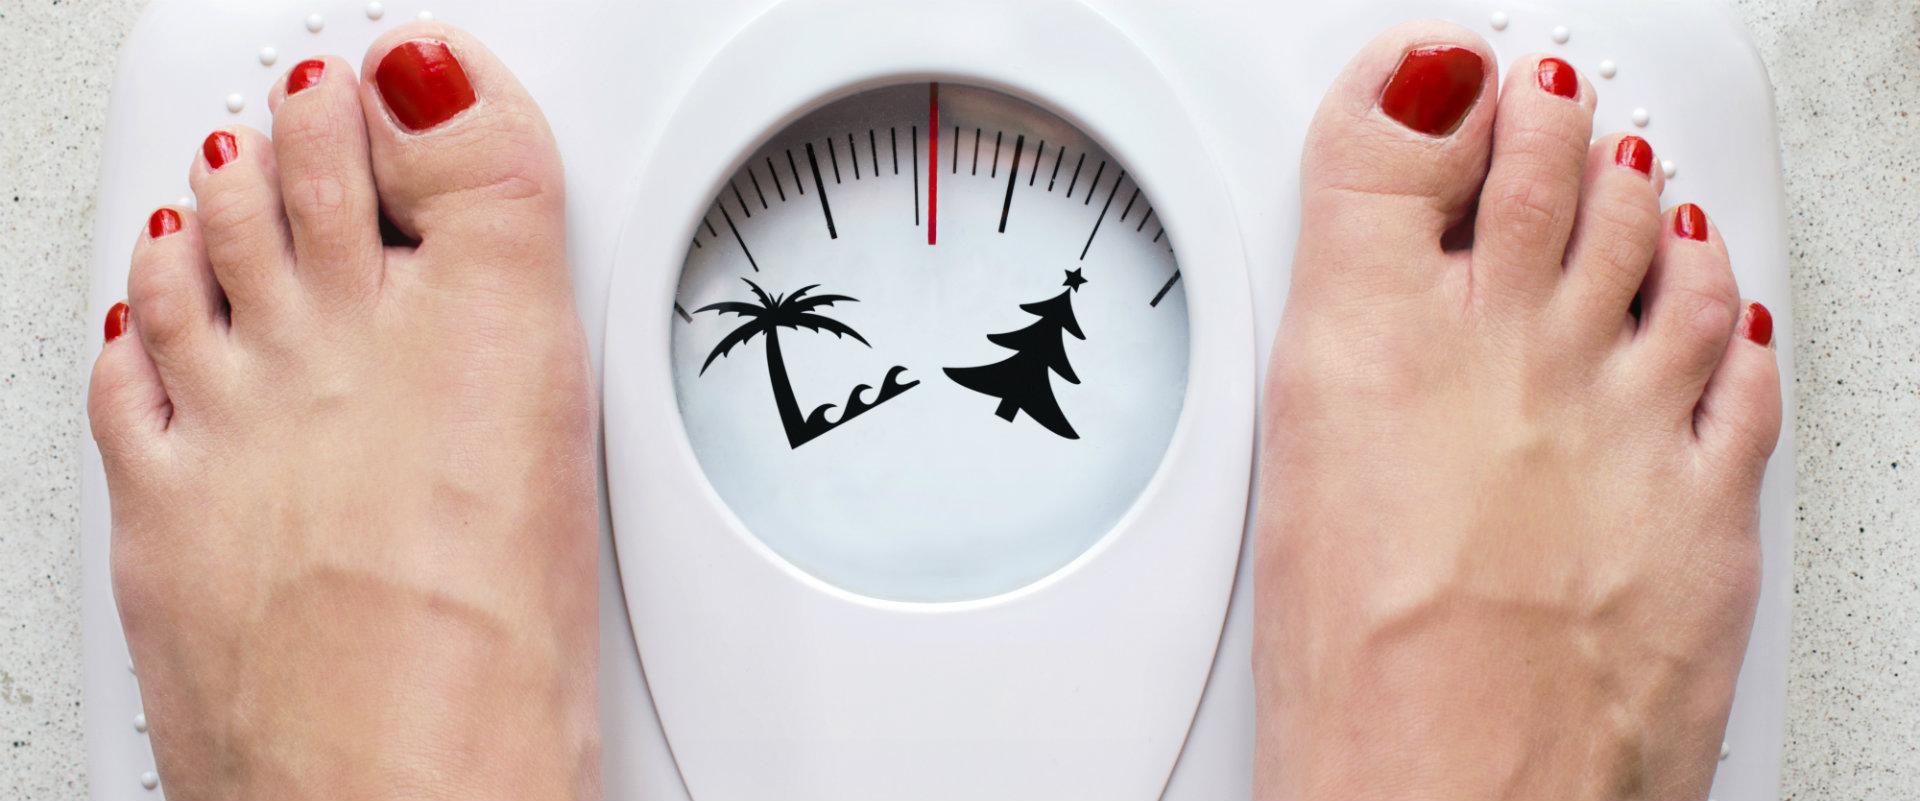 Cumple tu propósito de bajar de peso con estos tips